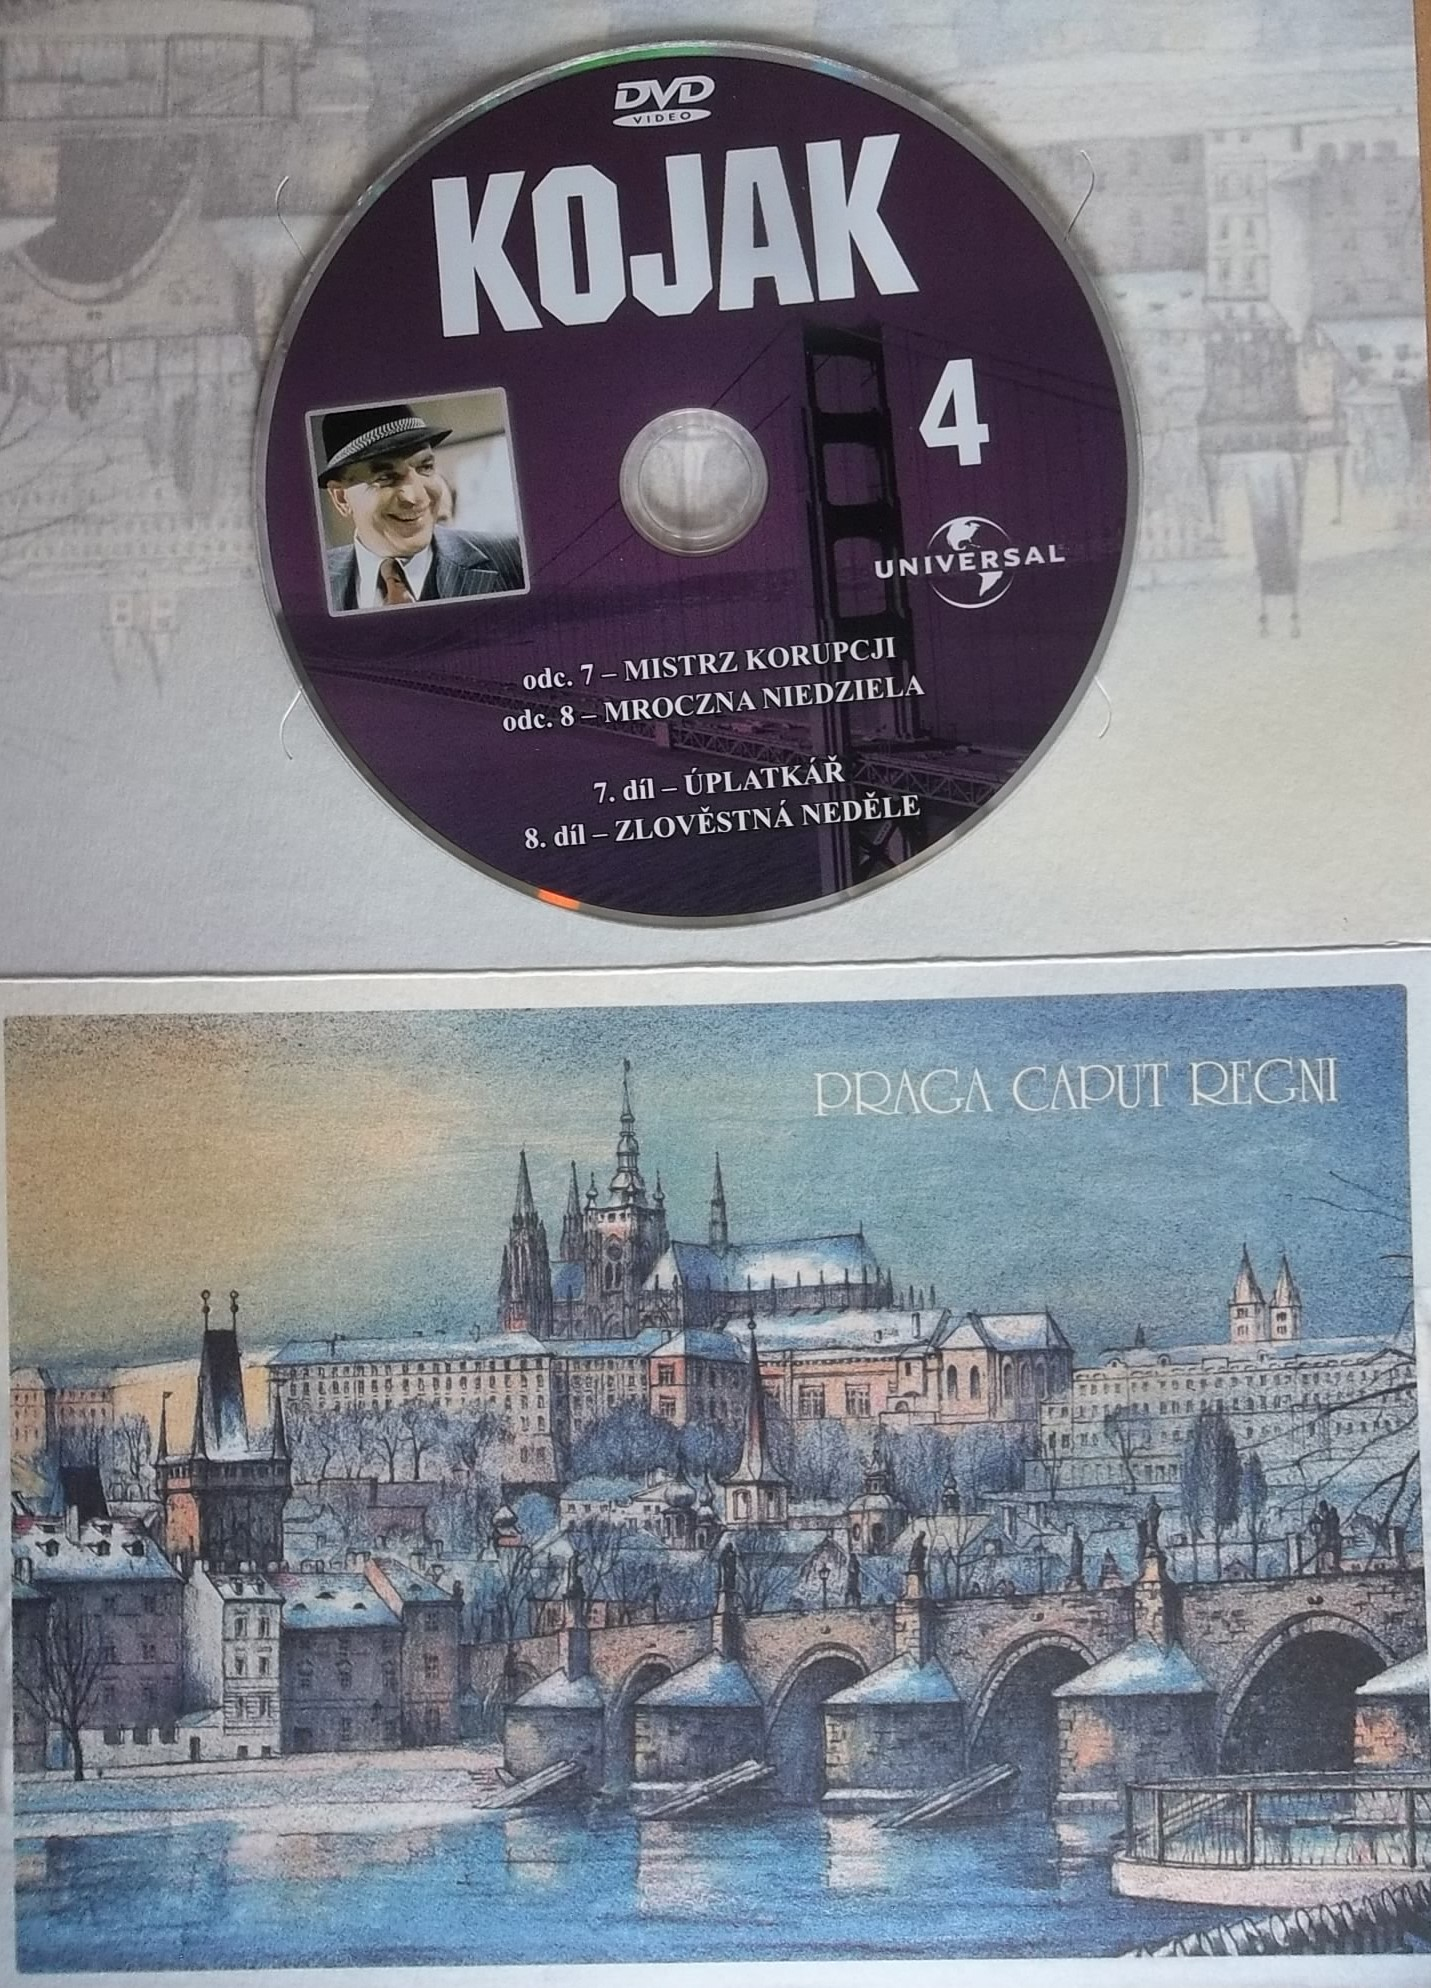 Kojak 4 (dárková obálka) DVD